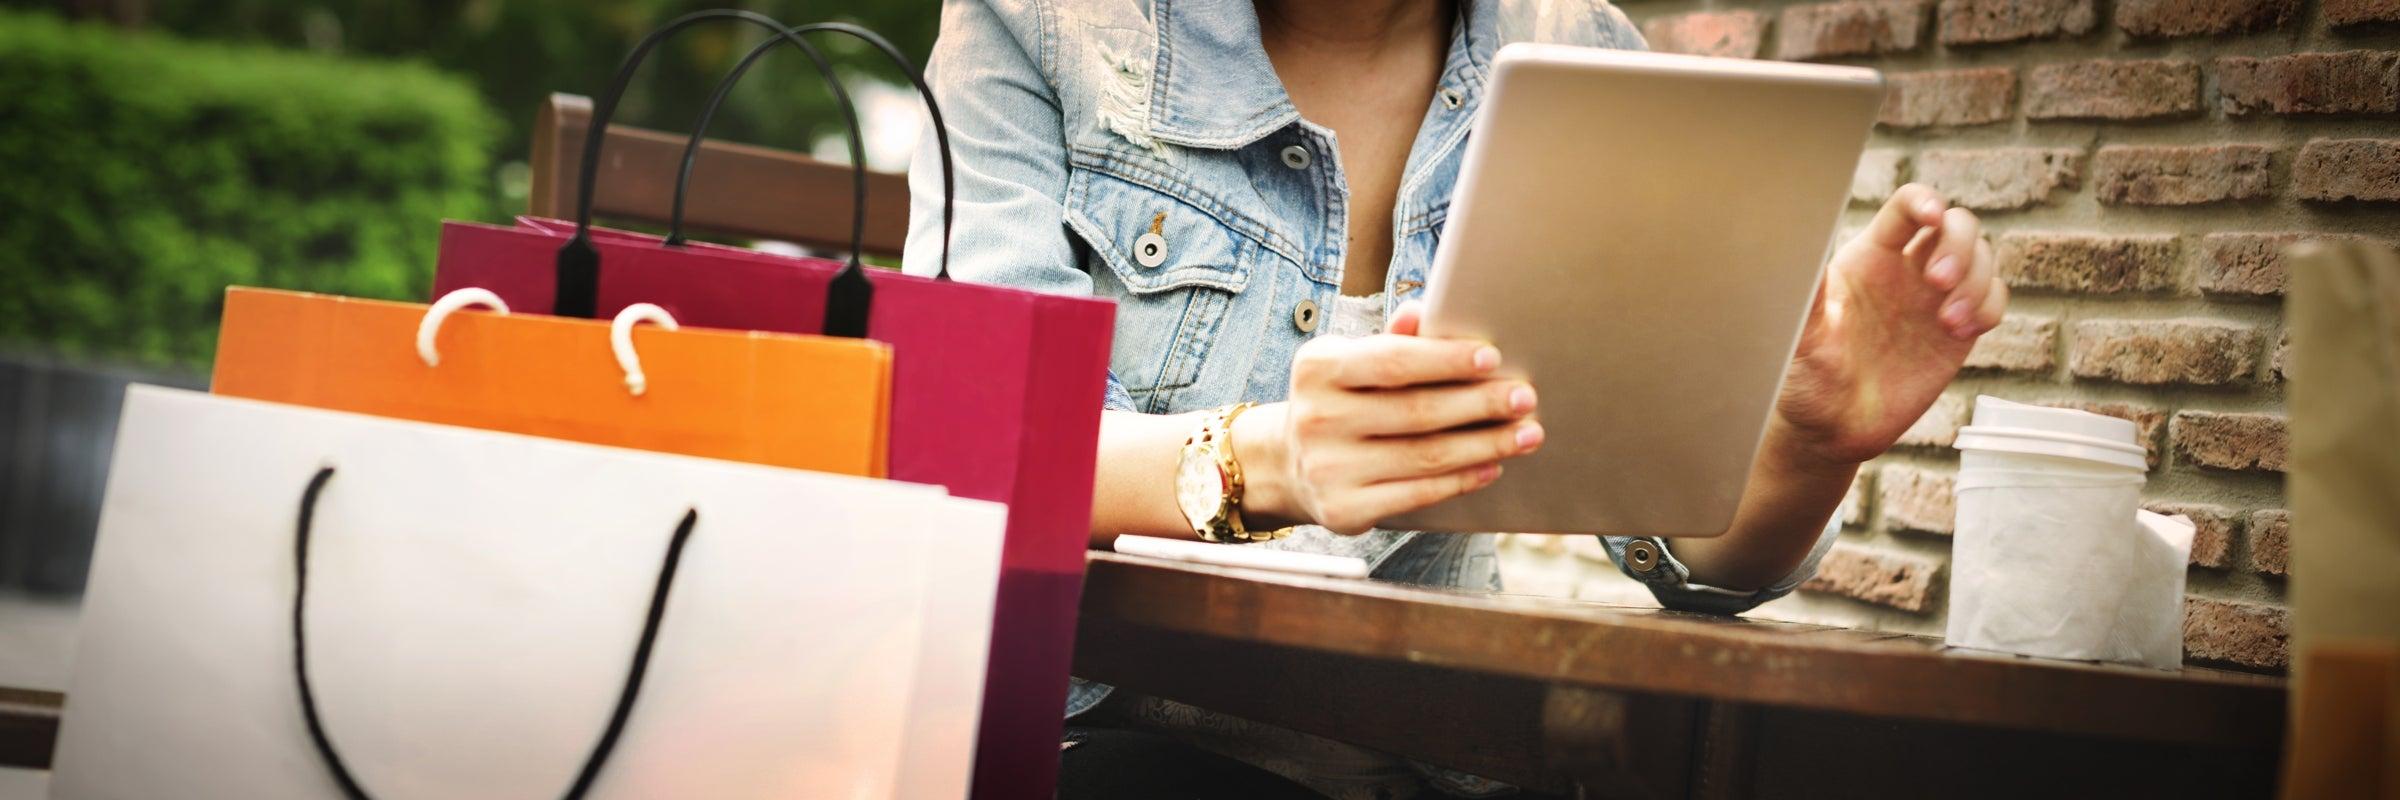 Online-Shopping mit einem Tablet